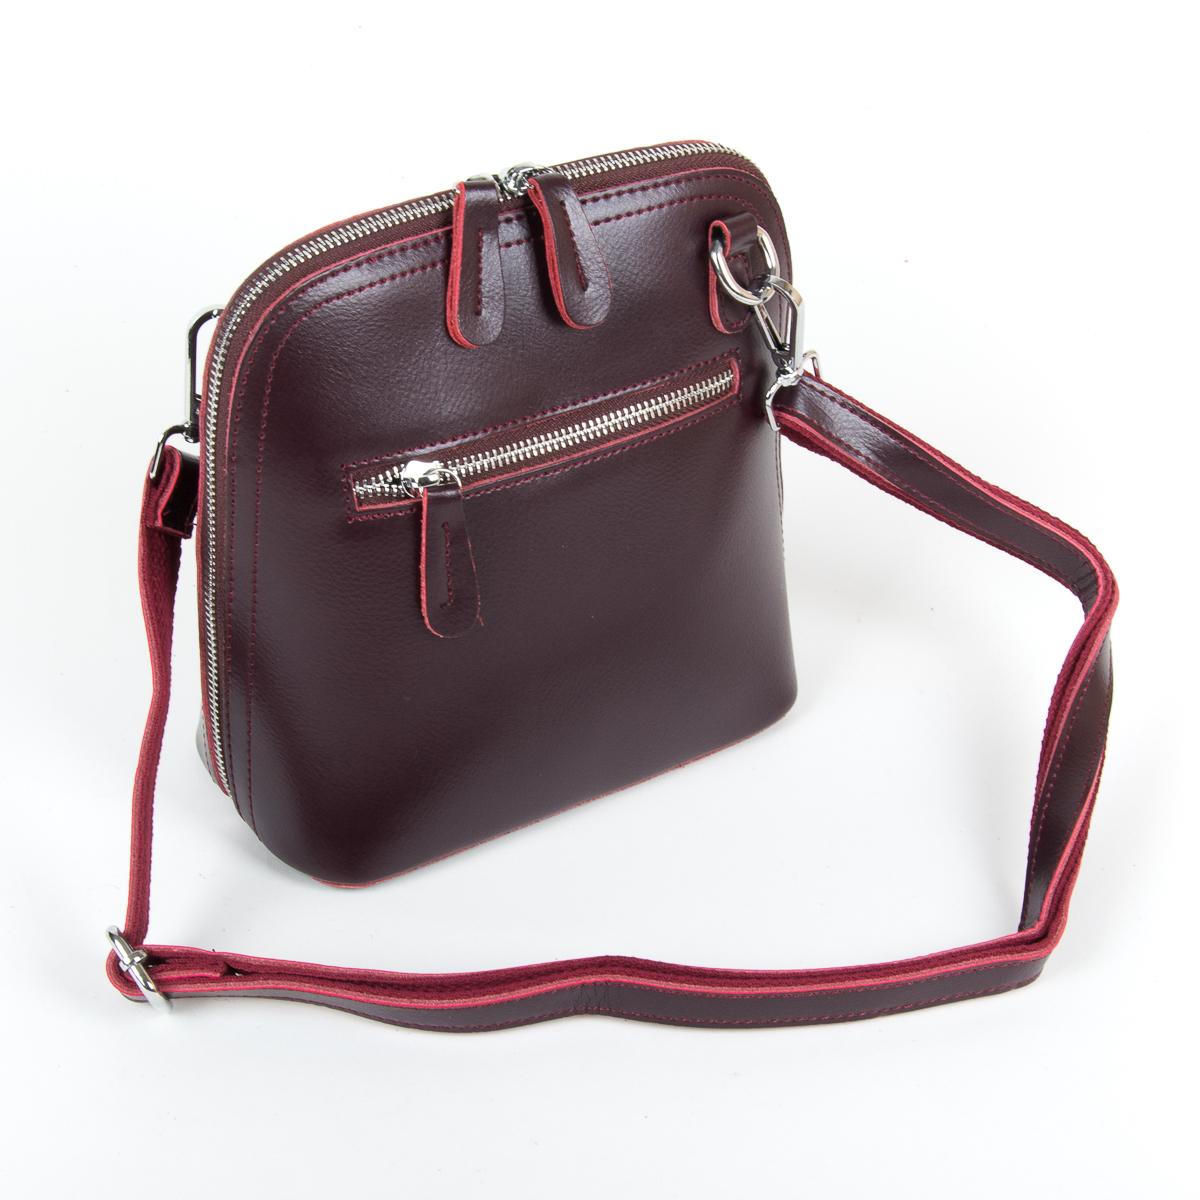 Сумка Женская Клатч кожа ALEX RAI 9-01 8803 burgundy - фото 4